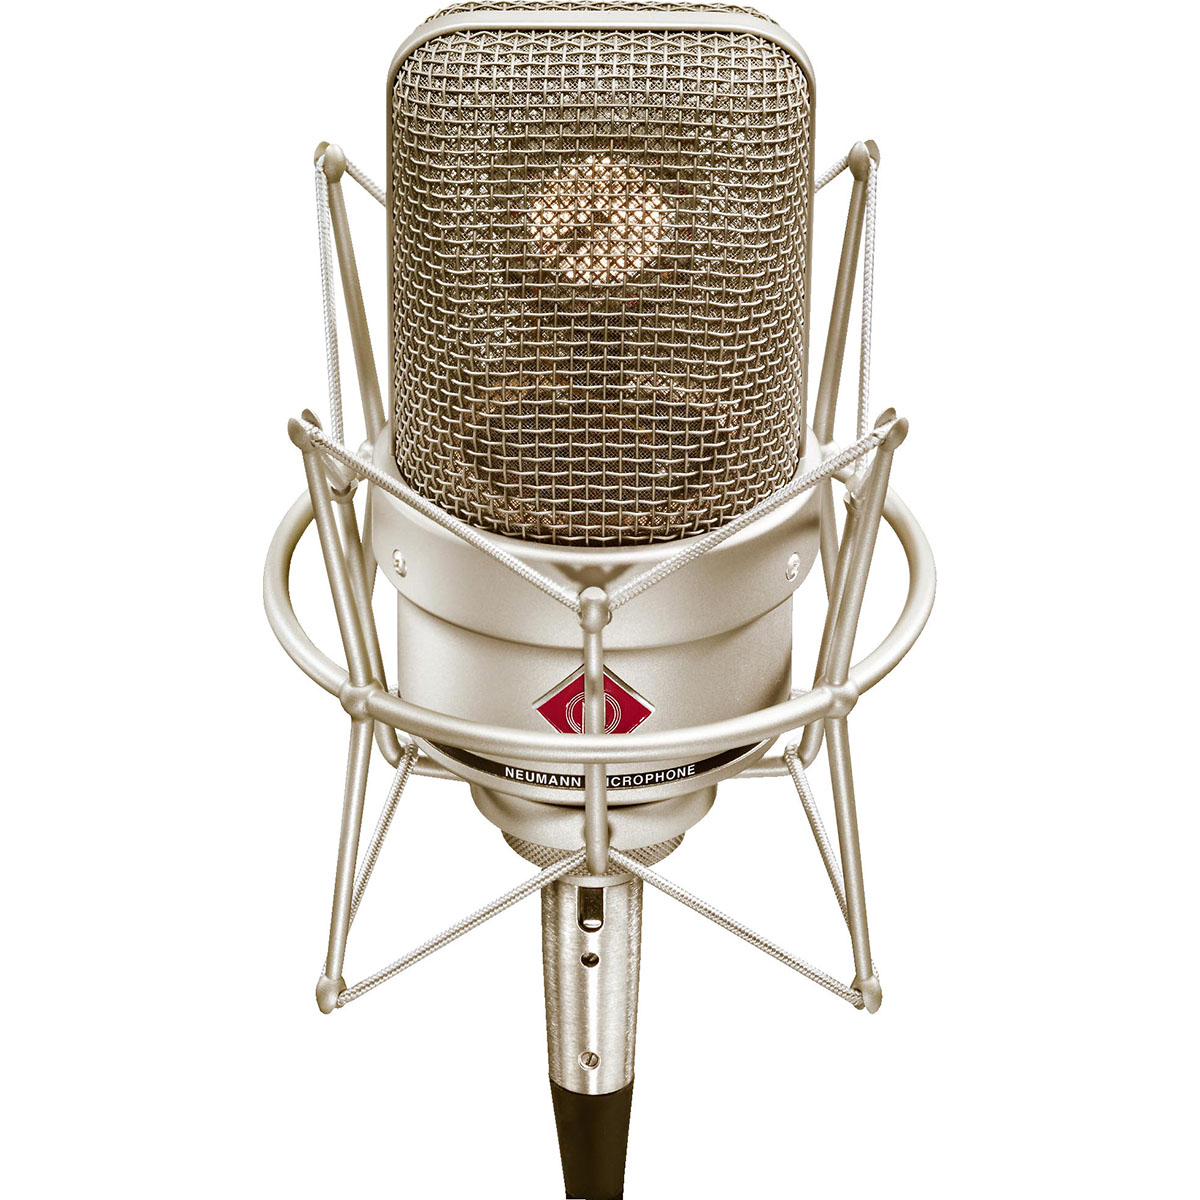 Neumann TLM 49 EA 3 bundle 06 Microfoni a Condensatore, Microfoni professionali, Strumentazioni Pro Audio per studi di registrazione